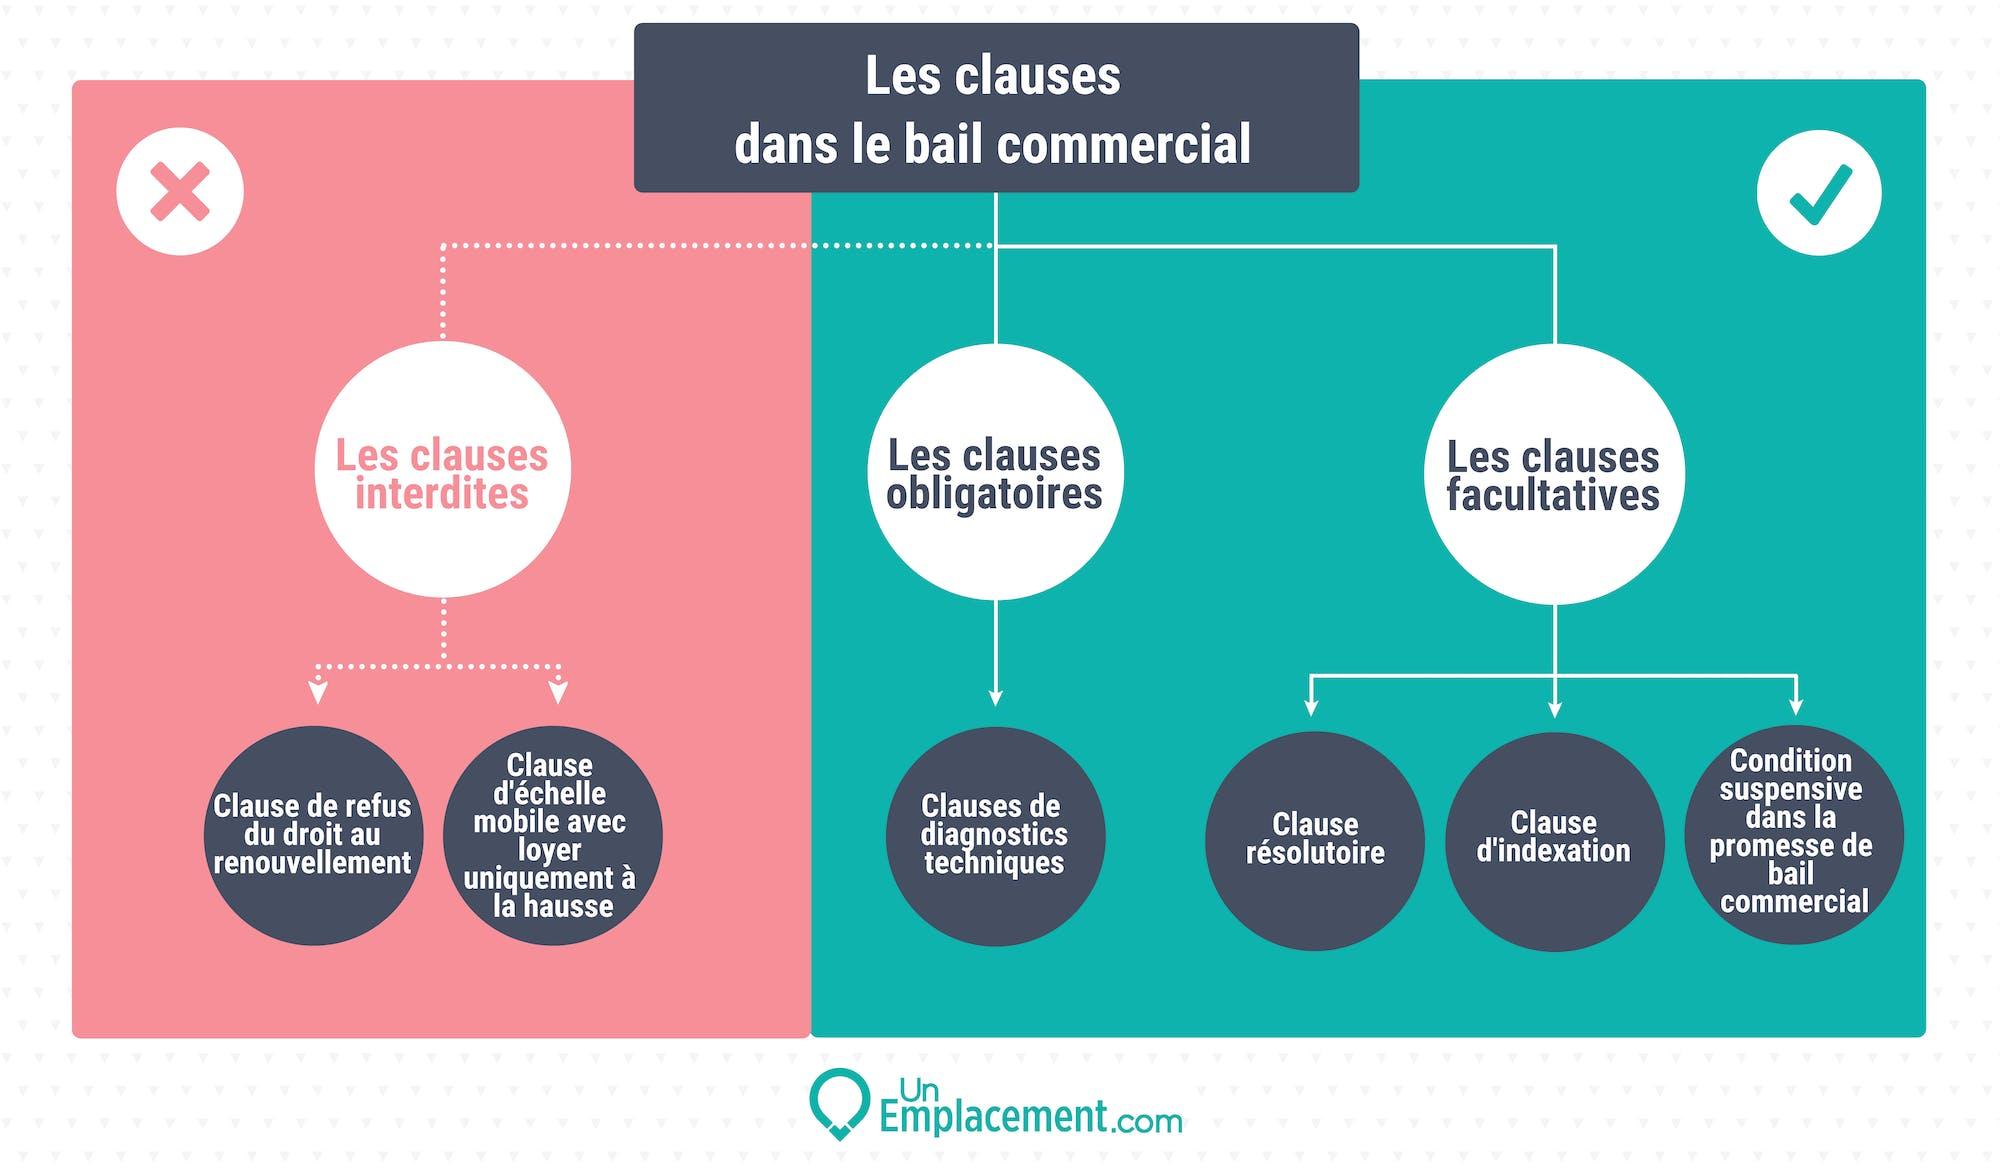 Infographie sur les clauses dans le bail commercial